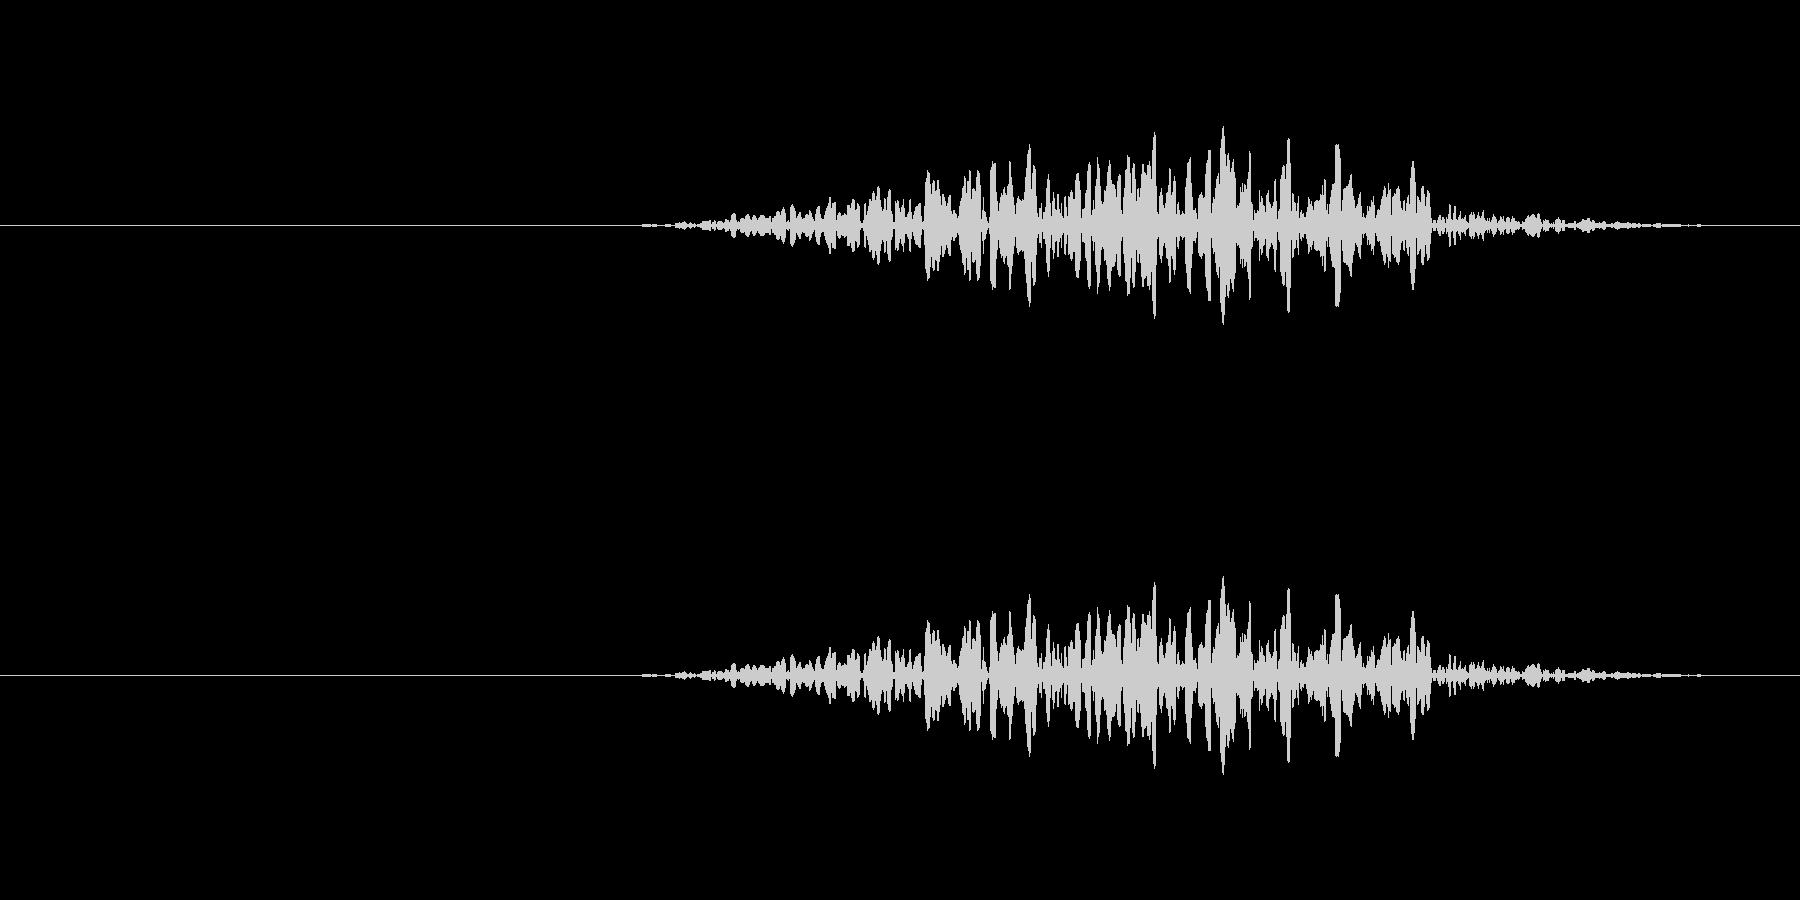 地面を物が擦る音の未再生の波形